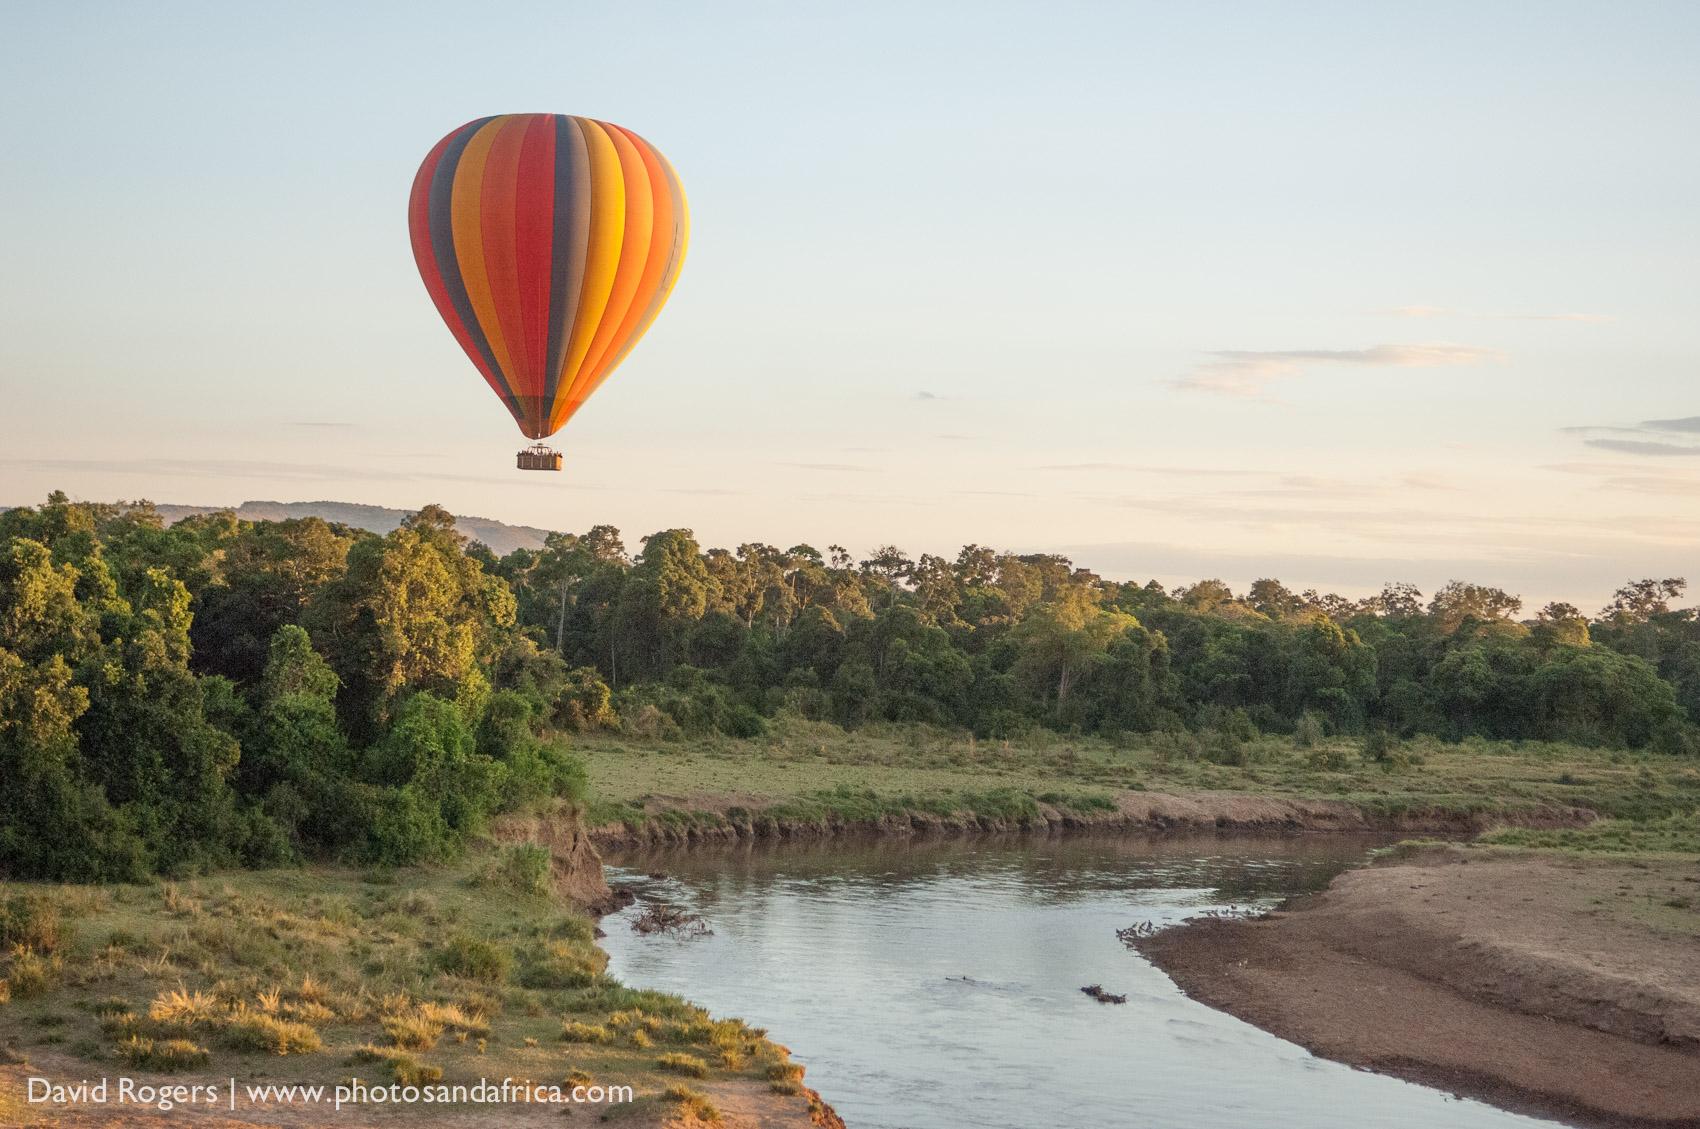 Hot air ballooning over Serengeti